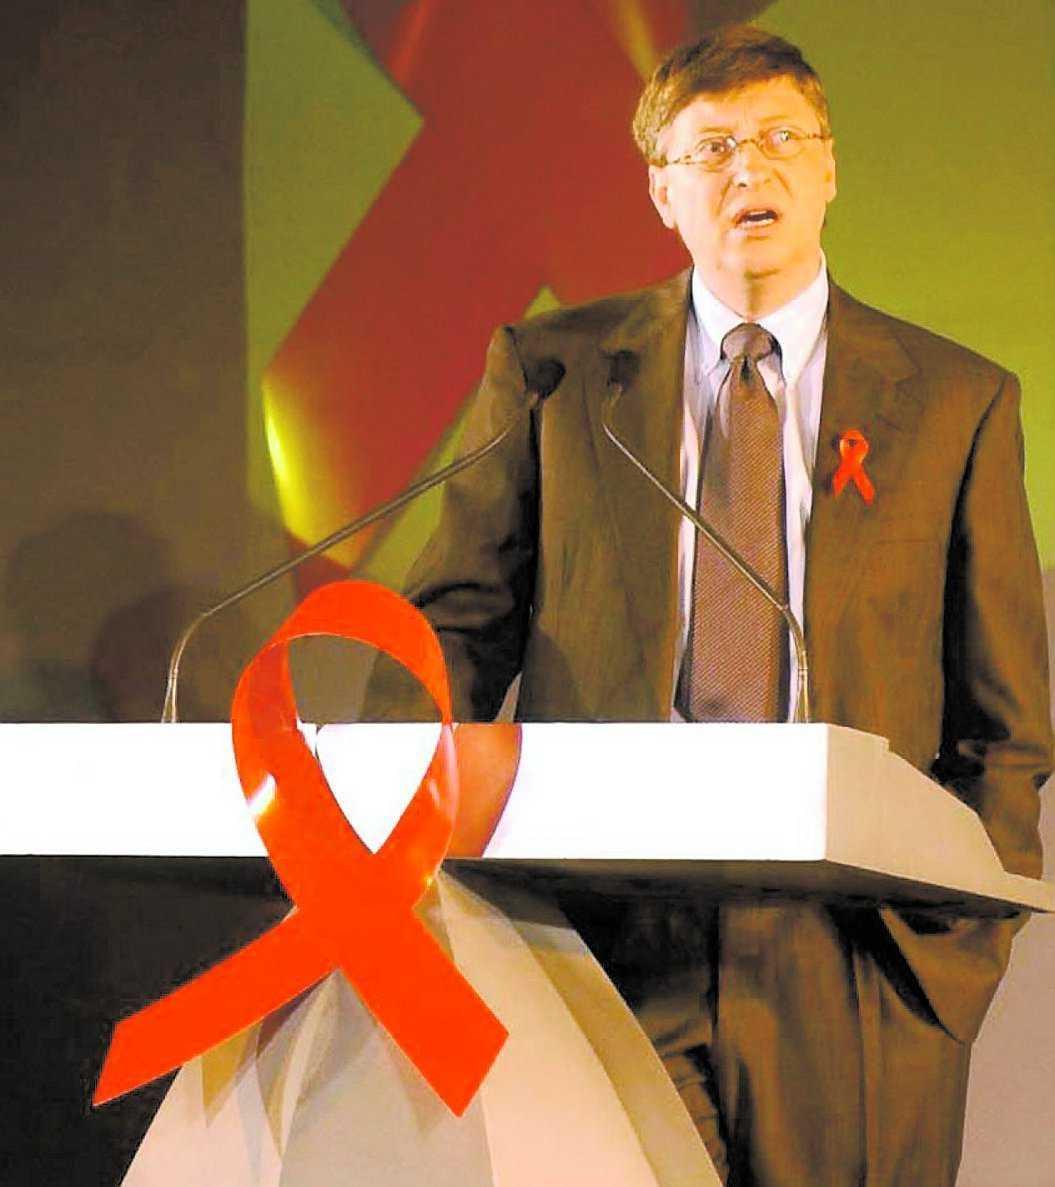 VÄLGÖRARE Bill Gates har skänkt hundratals miljoner kronor till bland annat aidsforskning. Näringslivstopparnas välgörenhetsengagemang effektiviserar branschen, skriver Theo Martins.